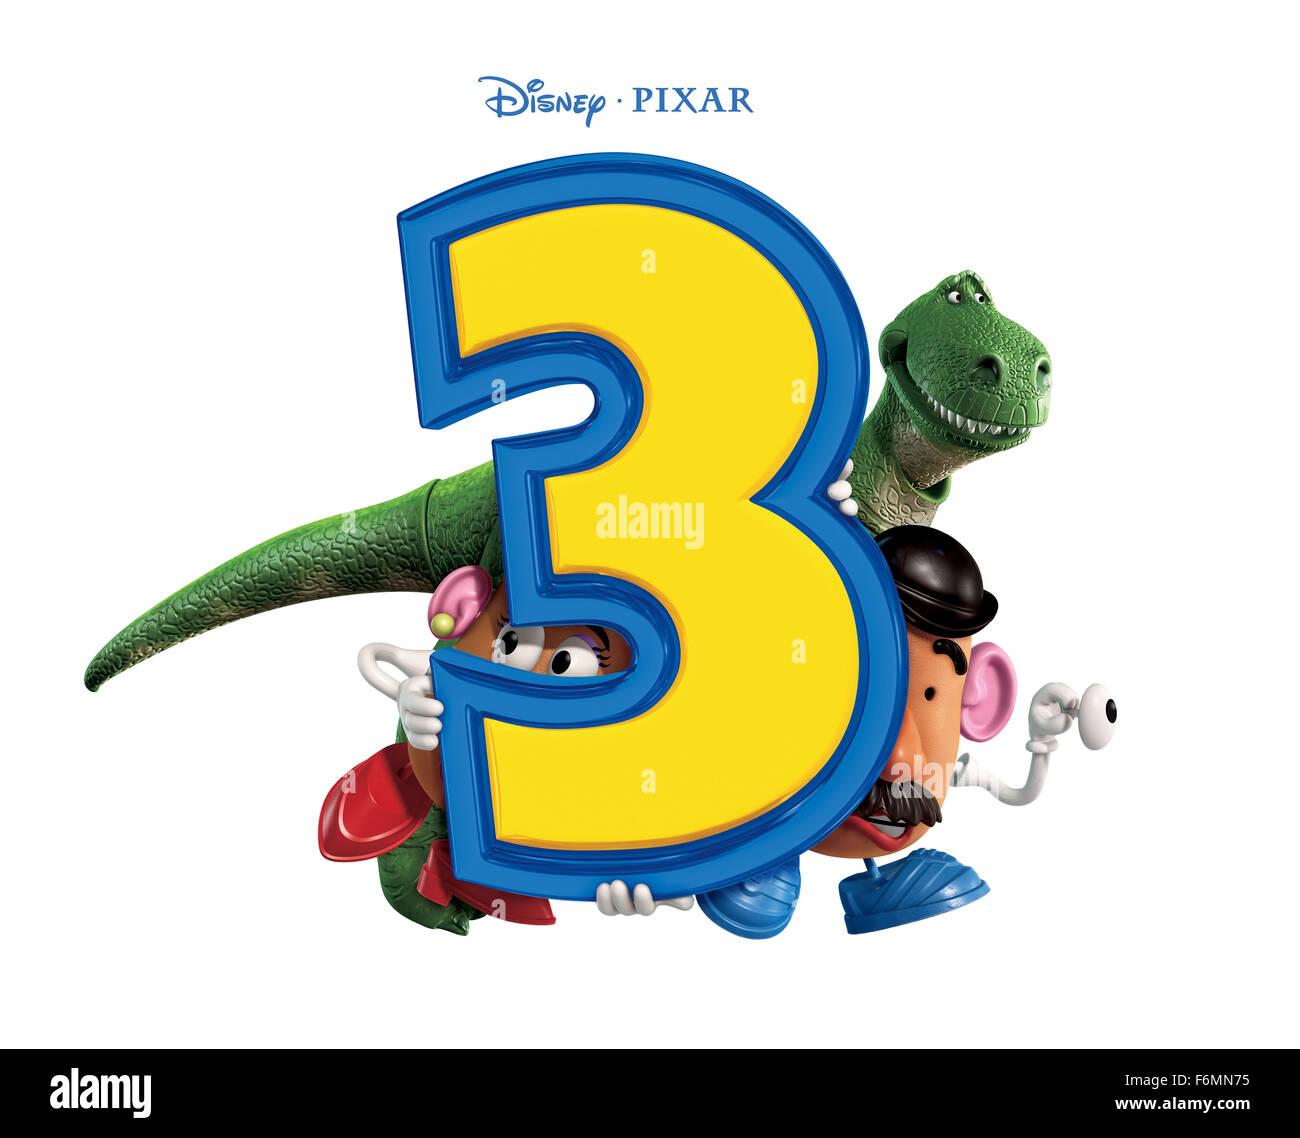 Pixar Director Lee Unkrich Stock Photos Pixar Director Lee Unkrich